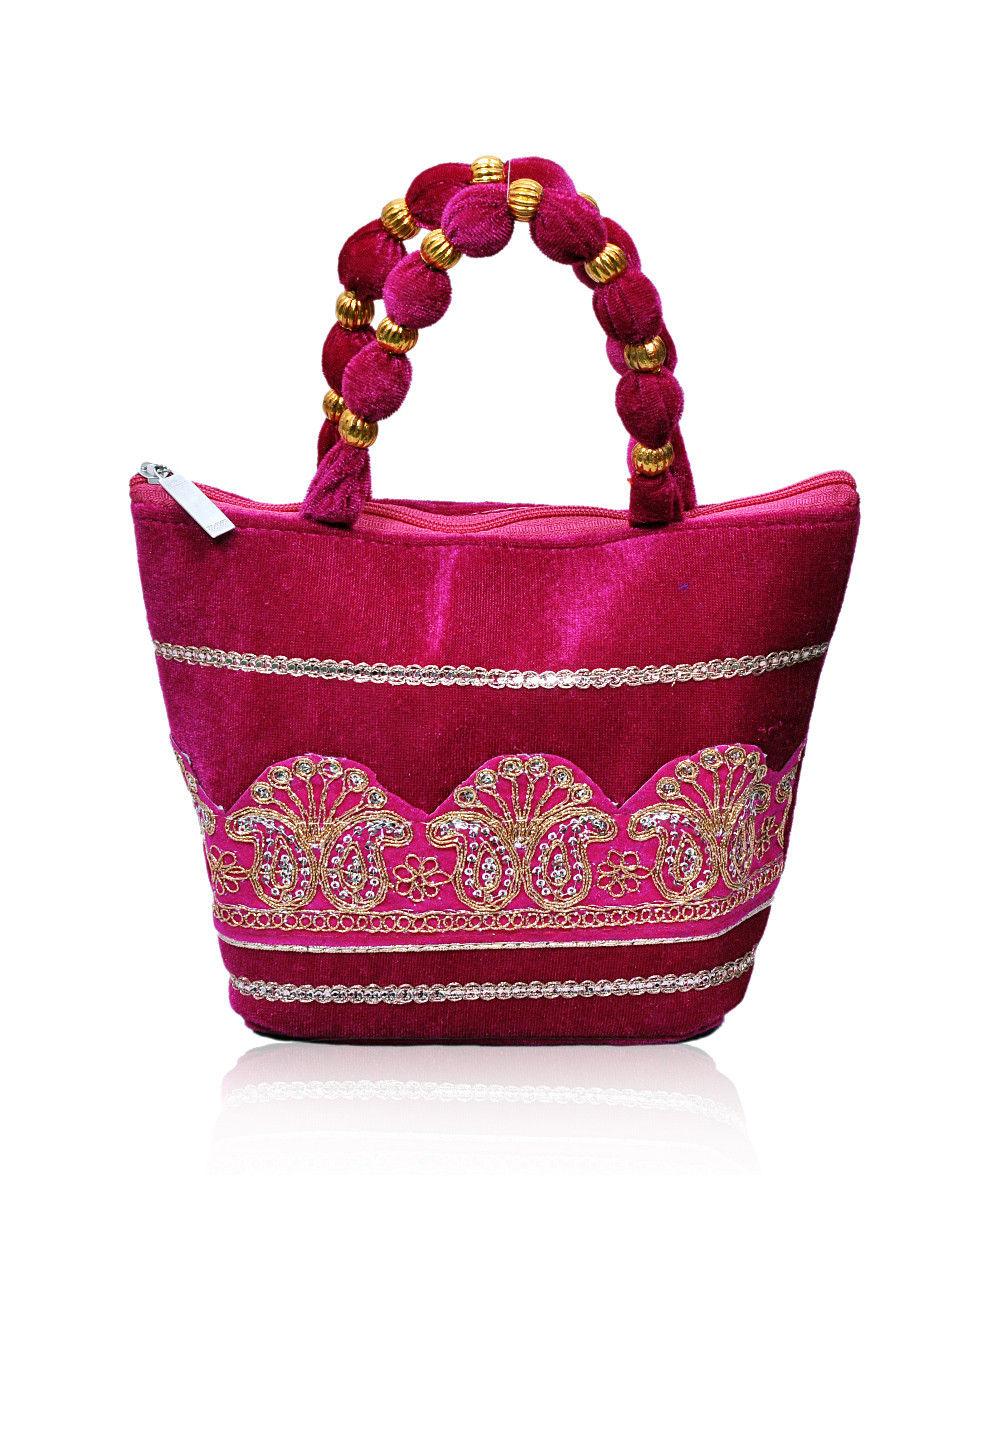 Embroidered Velvet Hand Bag in Magenta